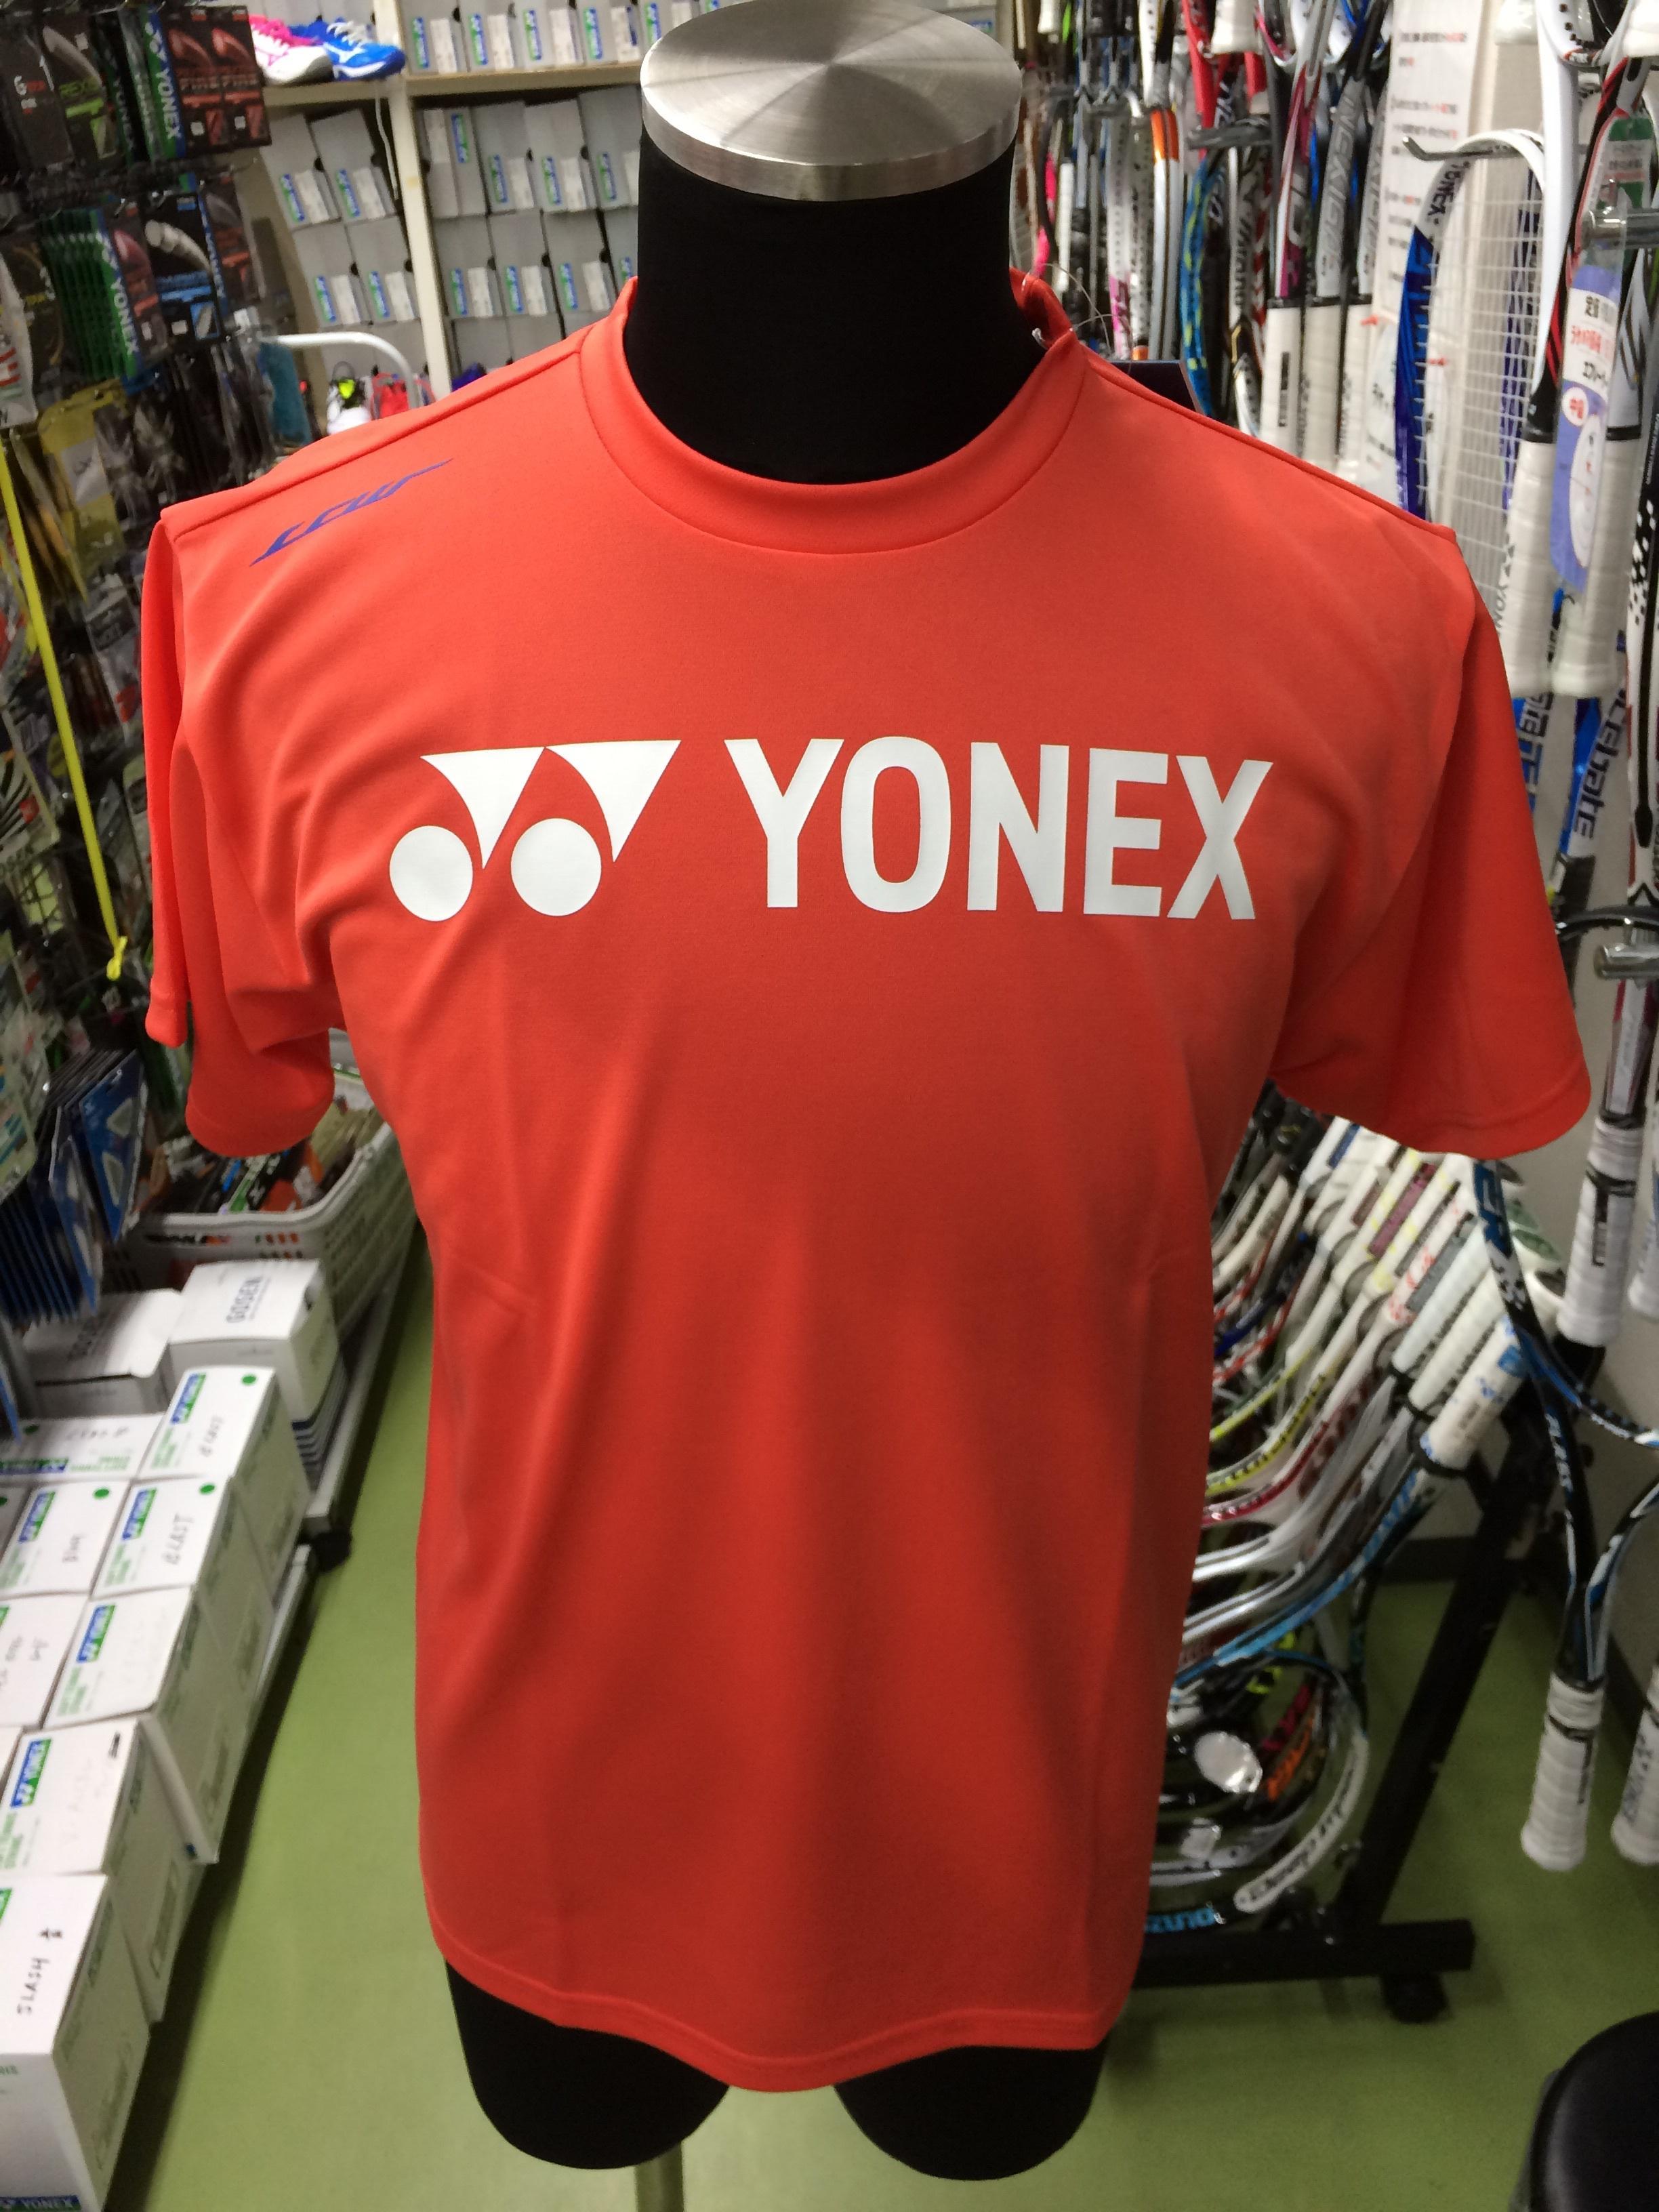 ヨネックス ユニドライTシャツ 16001LCW - 画像1